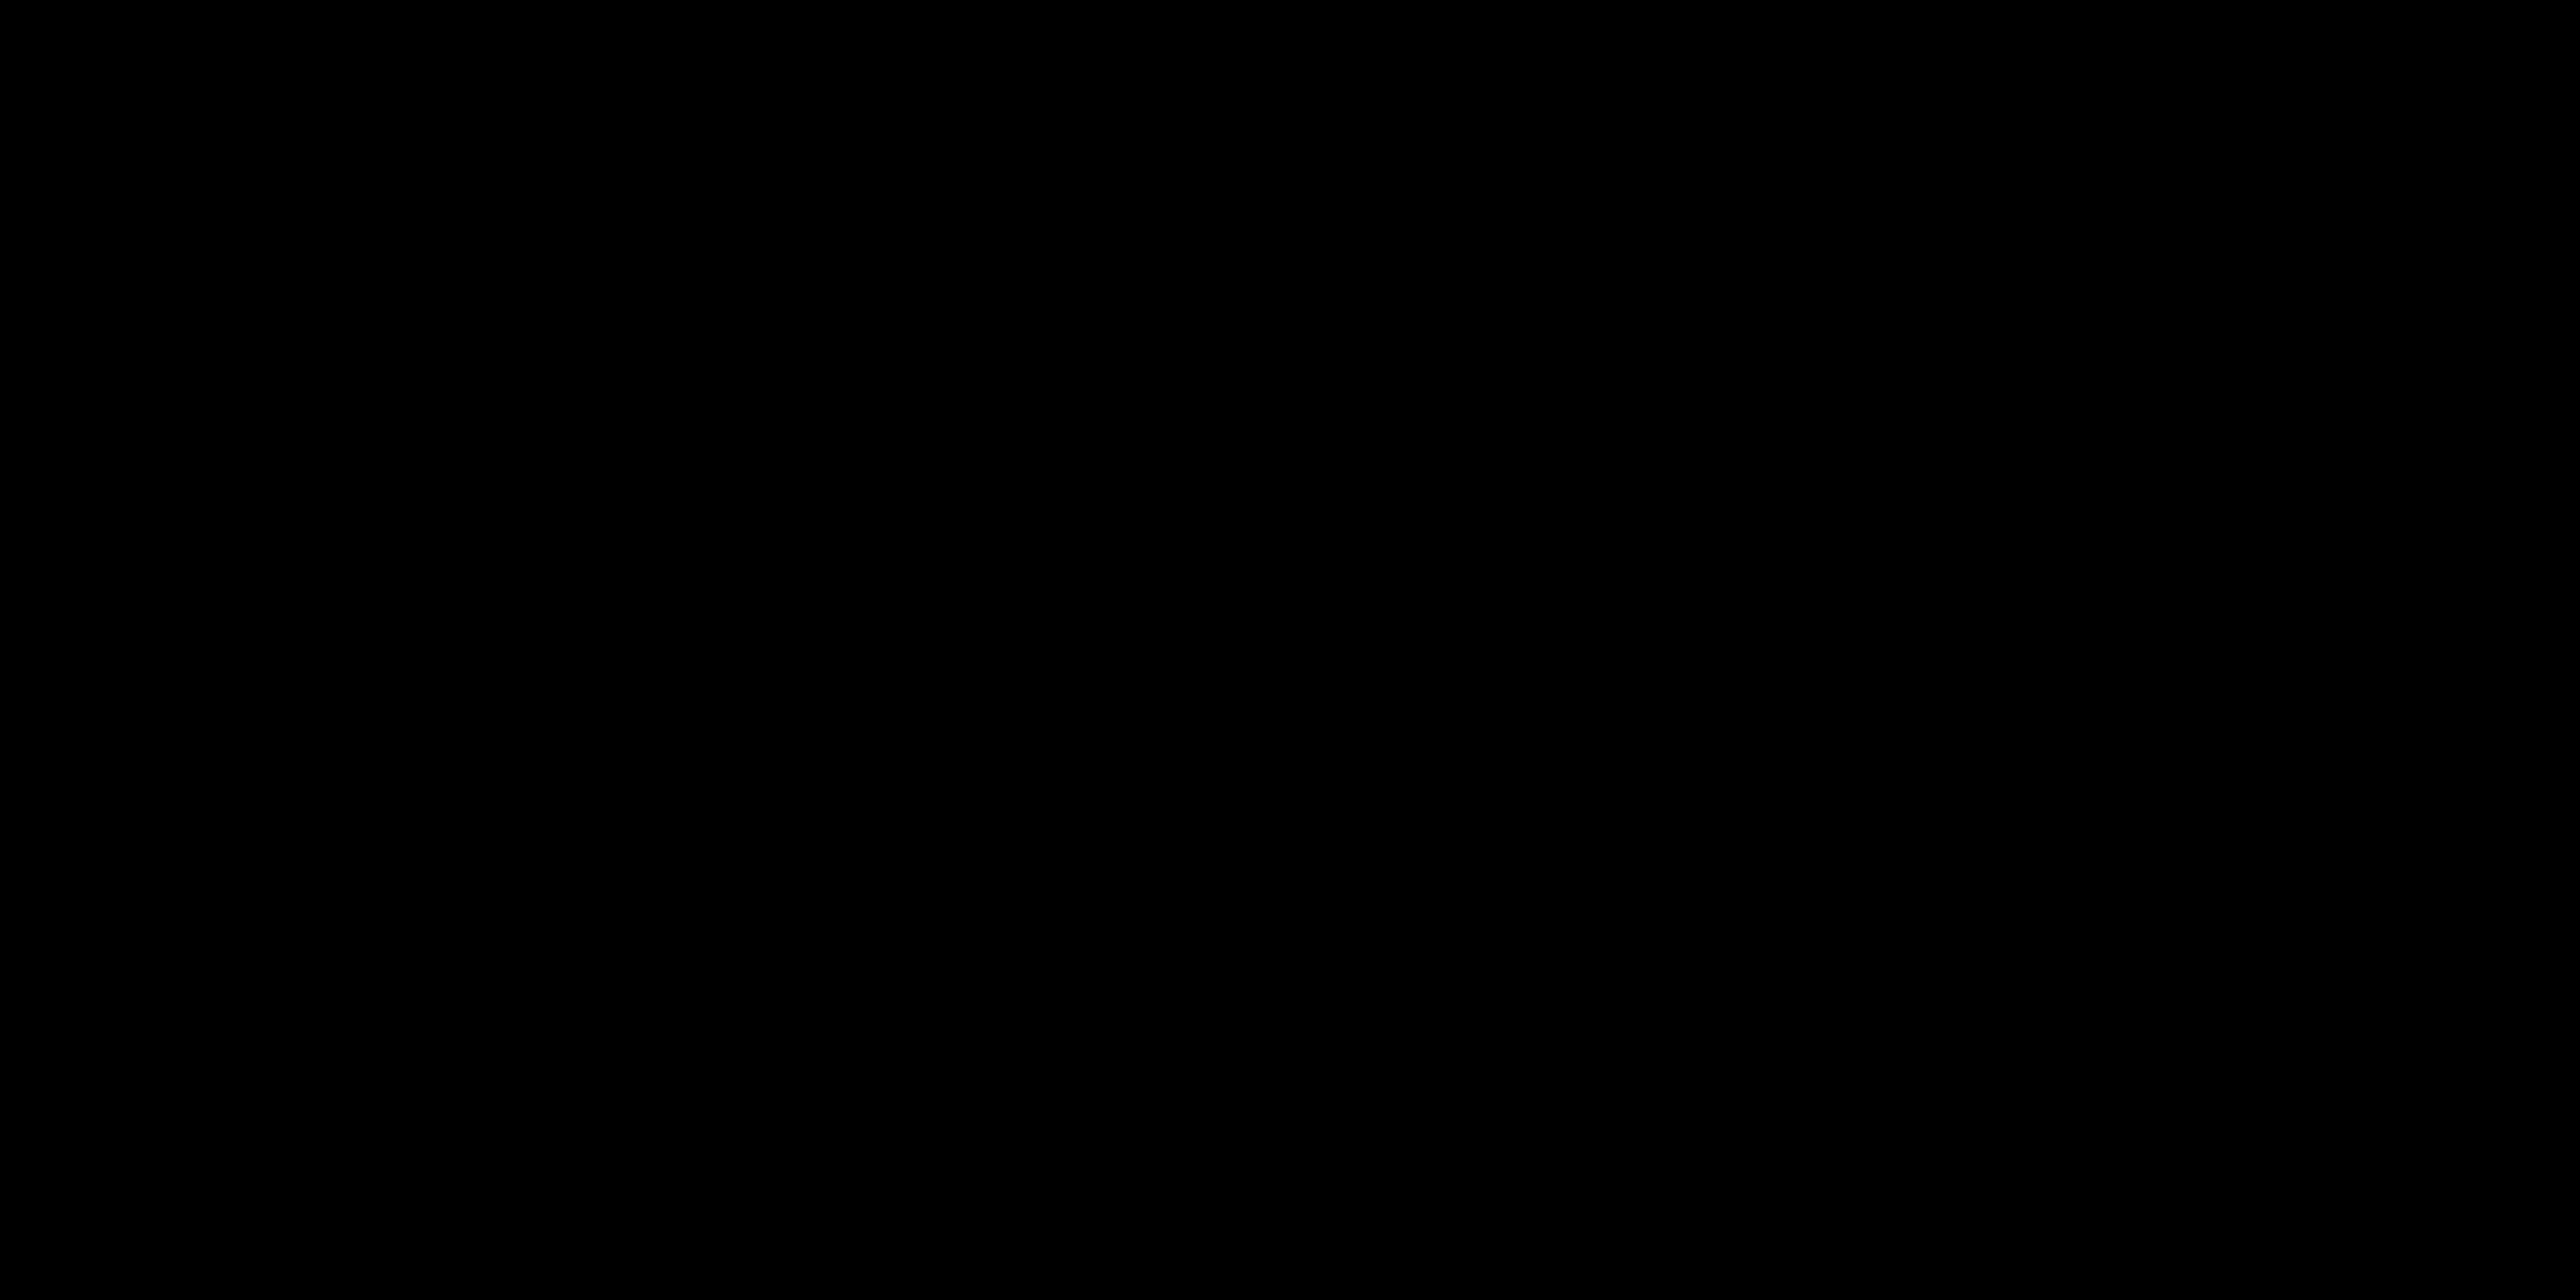 Luxo window films logo